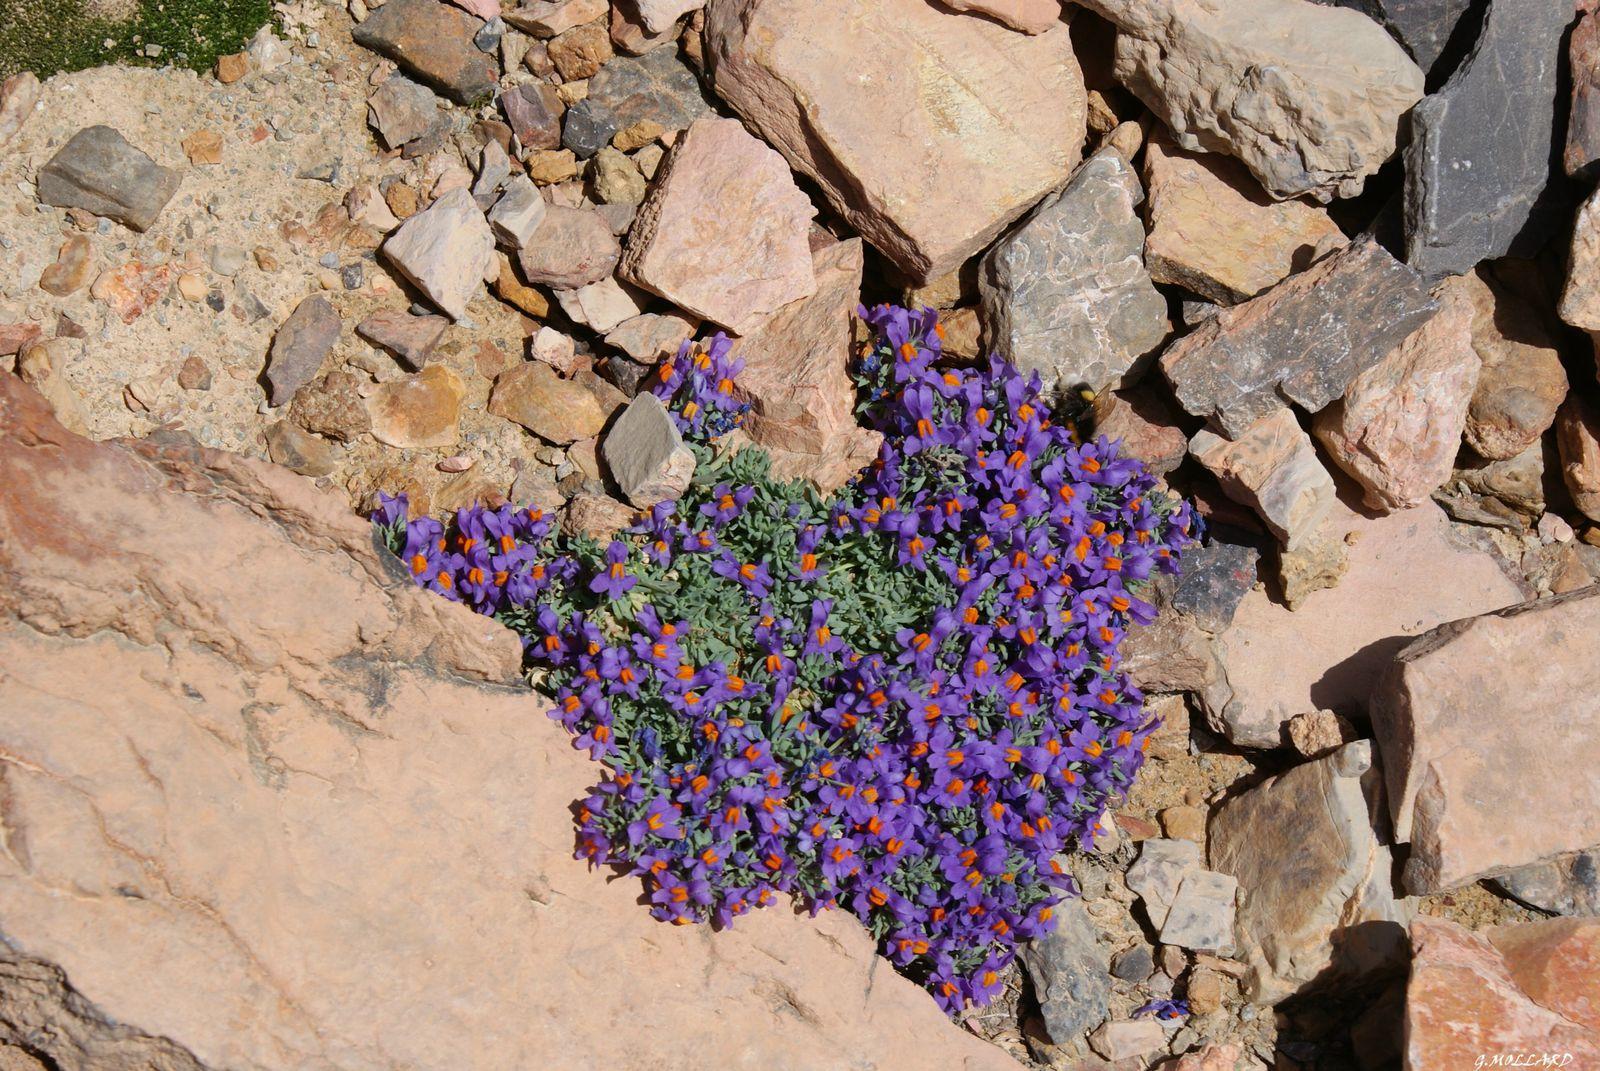 si quelq'un peut me donner le nom de cette plante magnifique, merci d'avance,je n'ai pas trouvé dans mes bouquins.